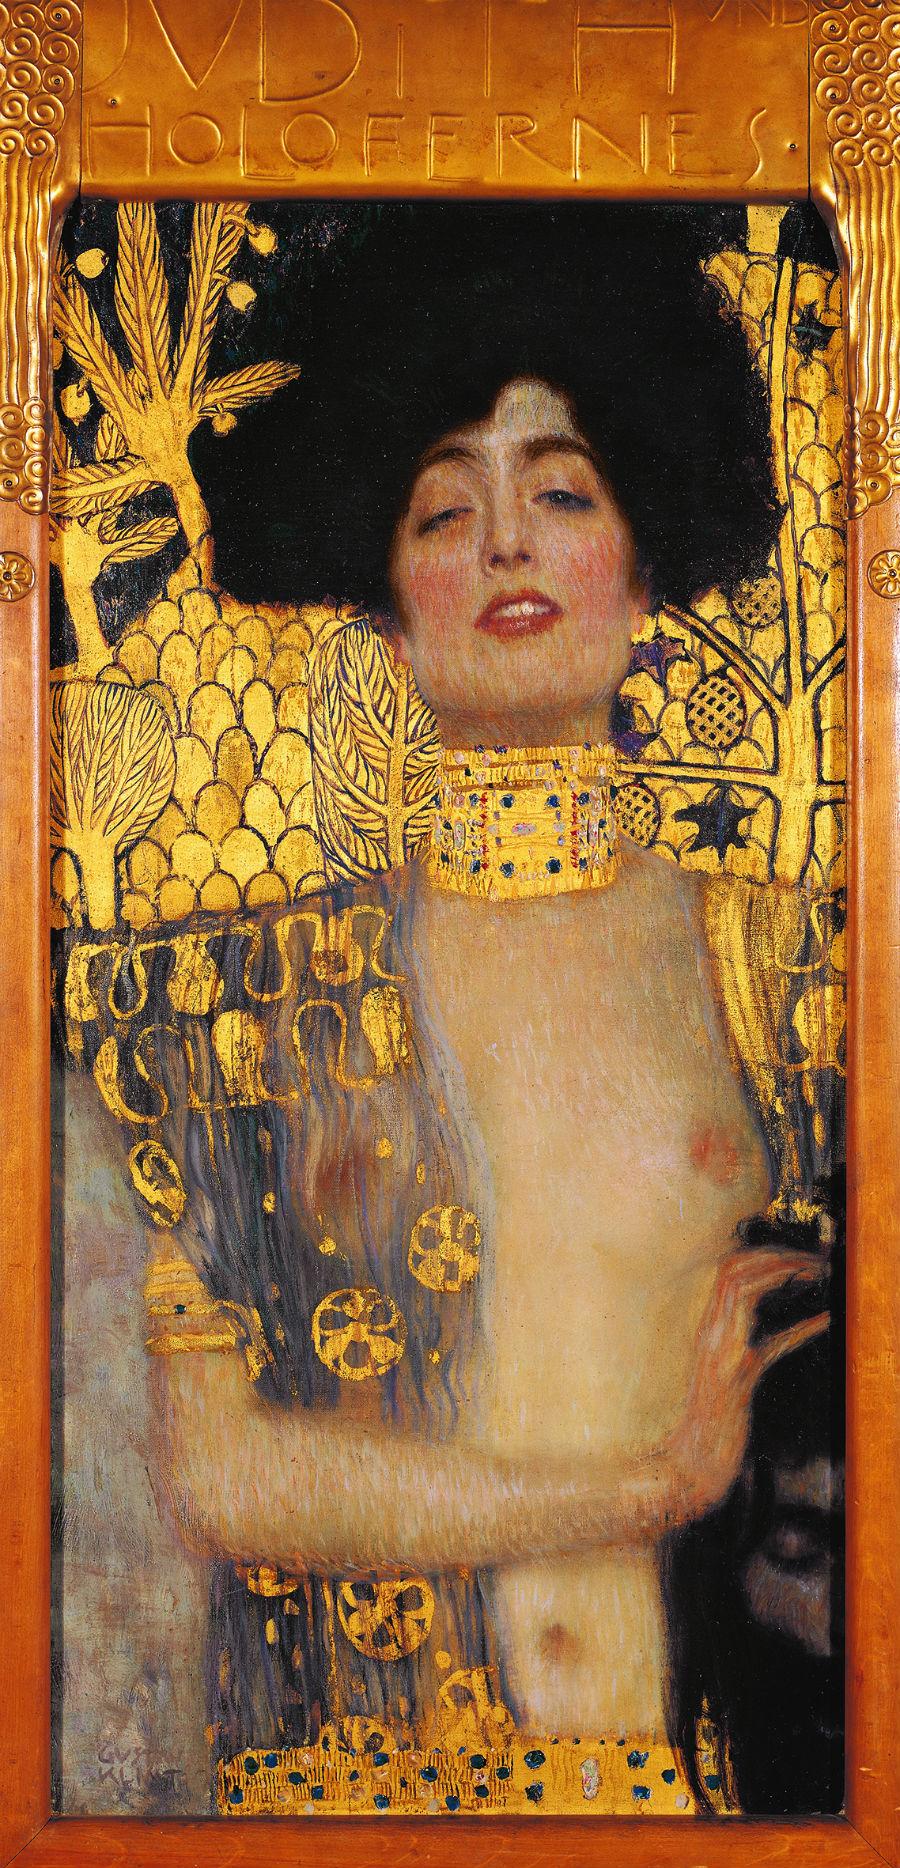 G. Klimt, Giuditta I, olio su tela, 1901, Oesterreichische Galerie im Belvedere, Vienna